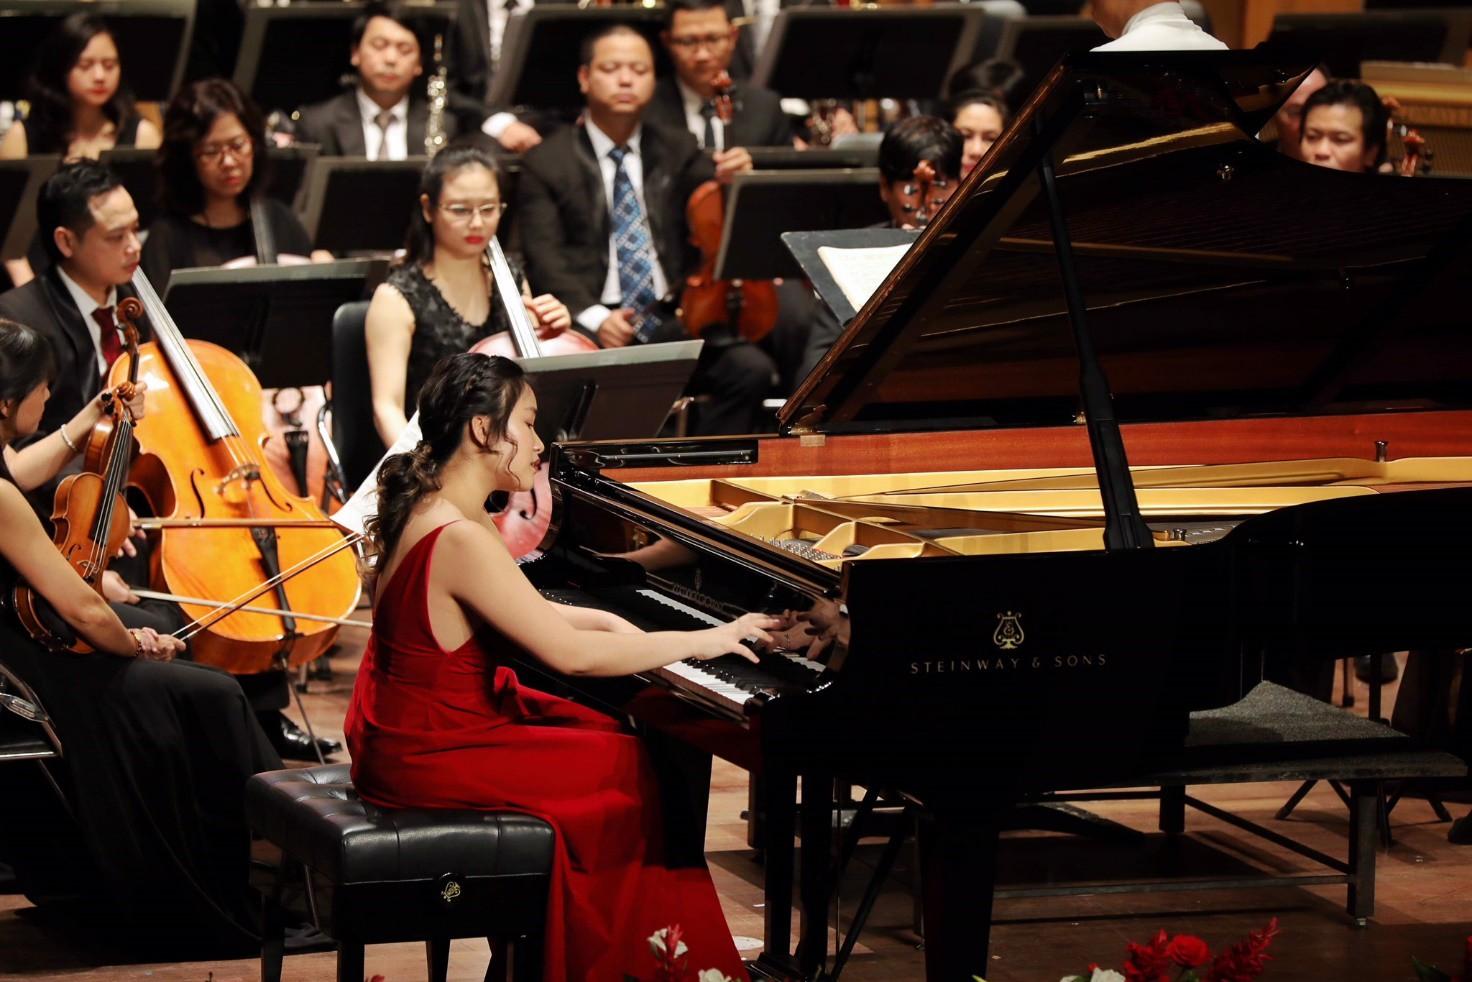 Acecook Việt Nam đem nhạc giao hưởng đến gần công chúng: đường dài lan toả hạnh phúc - Ảnh 1.